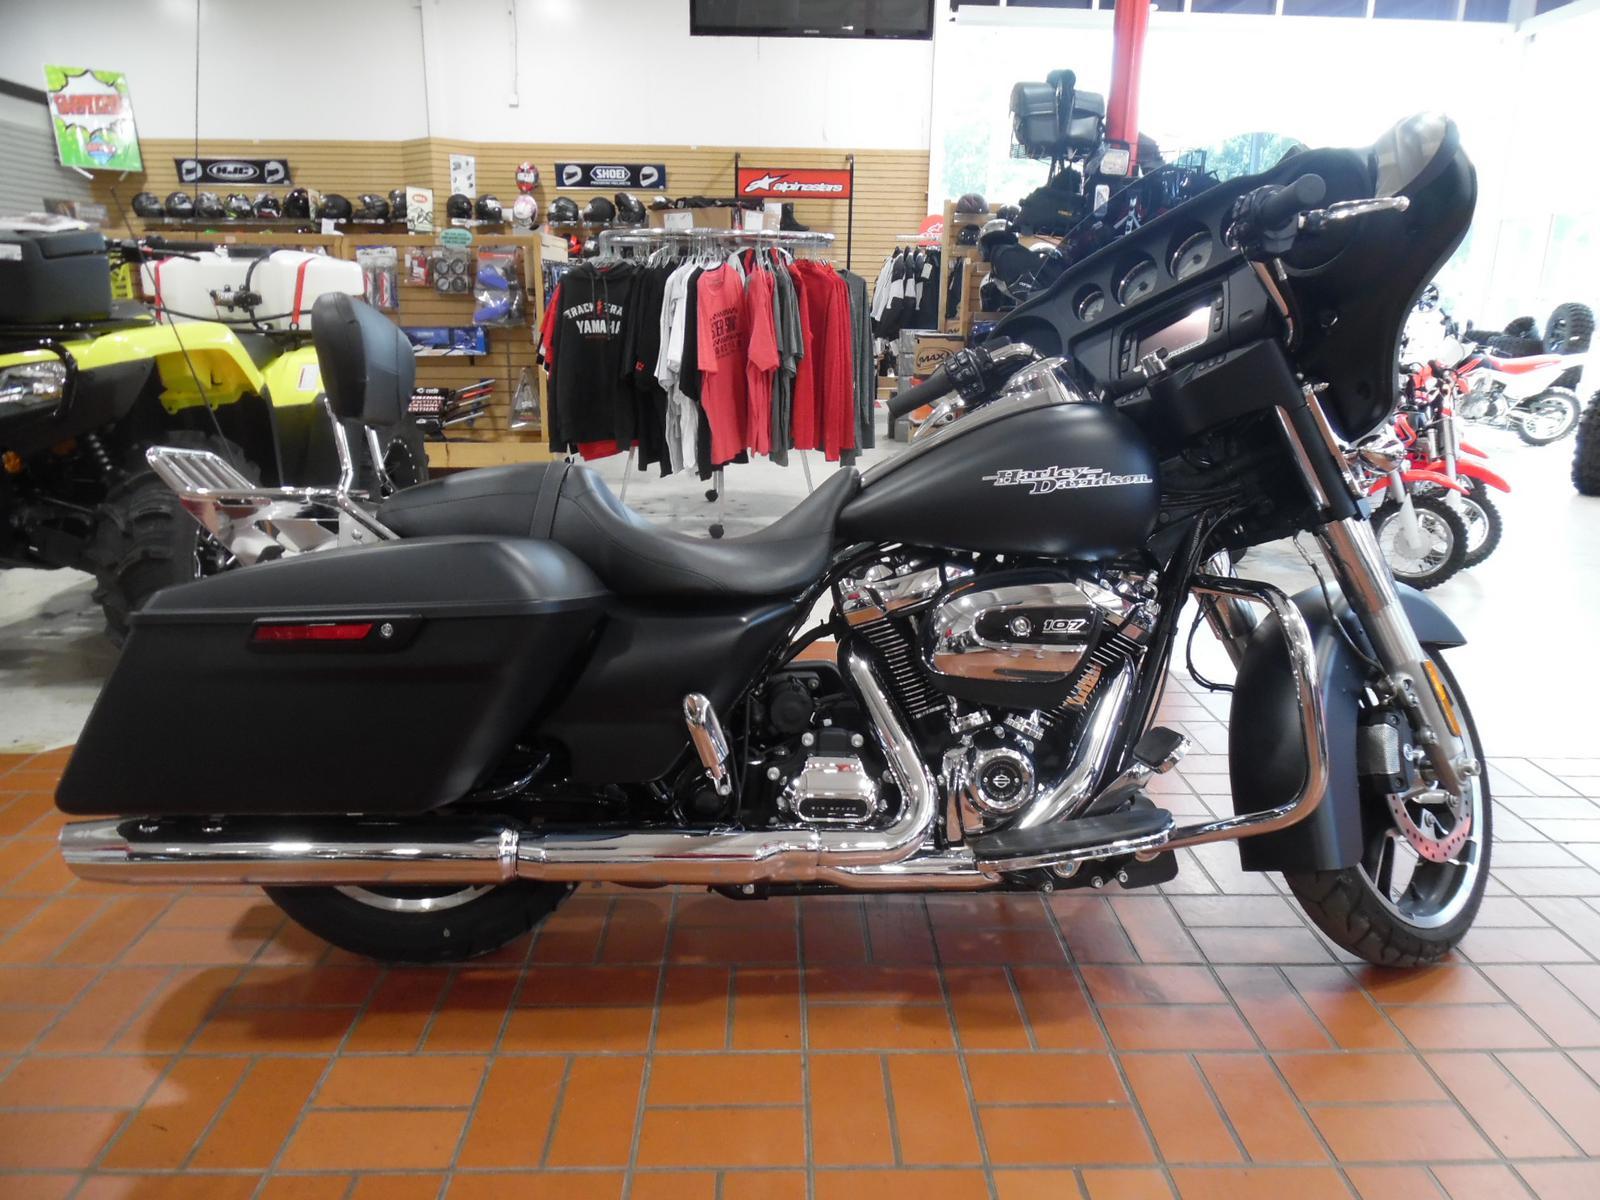 Harley Street Glide For Sale >> 2017 Harley Davidson Street Glide Special Flhxs